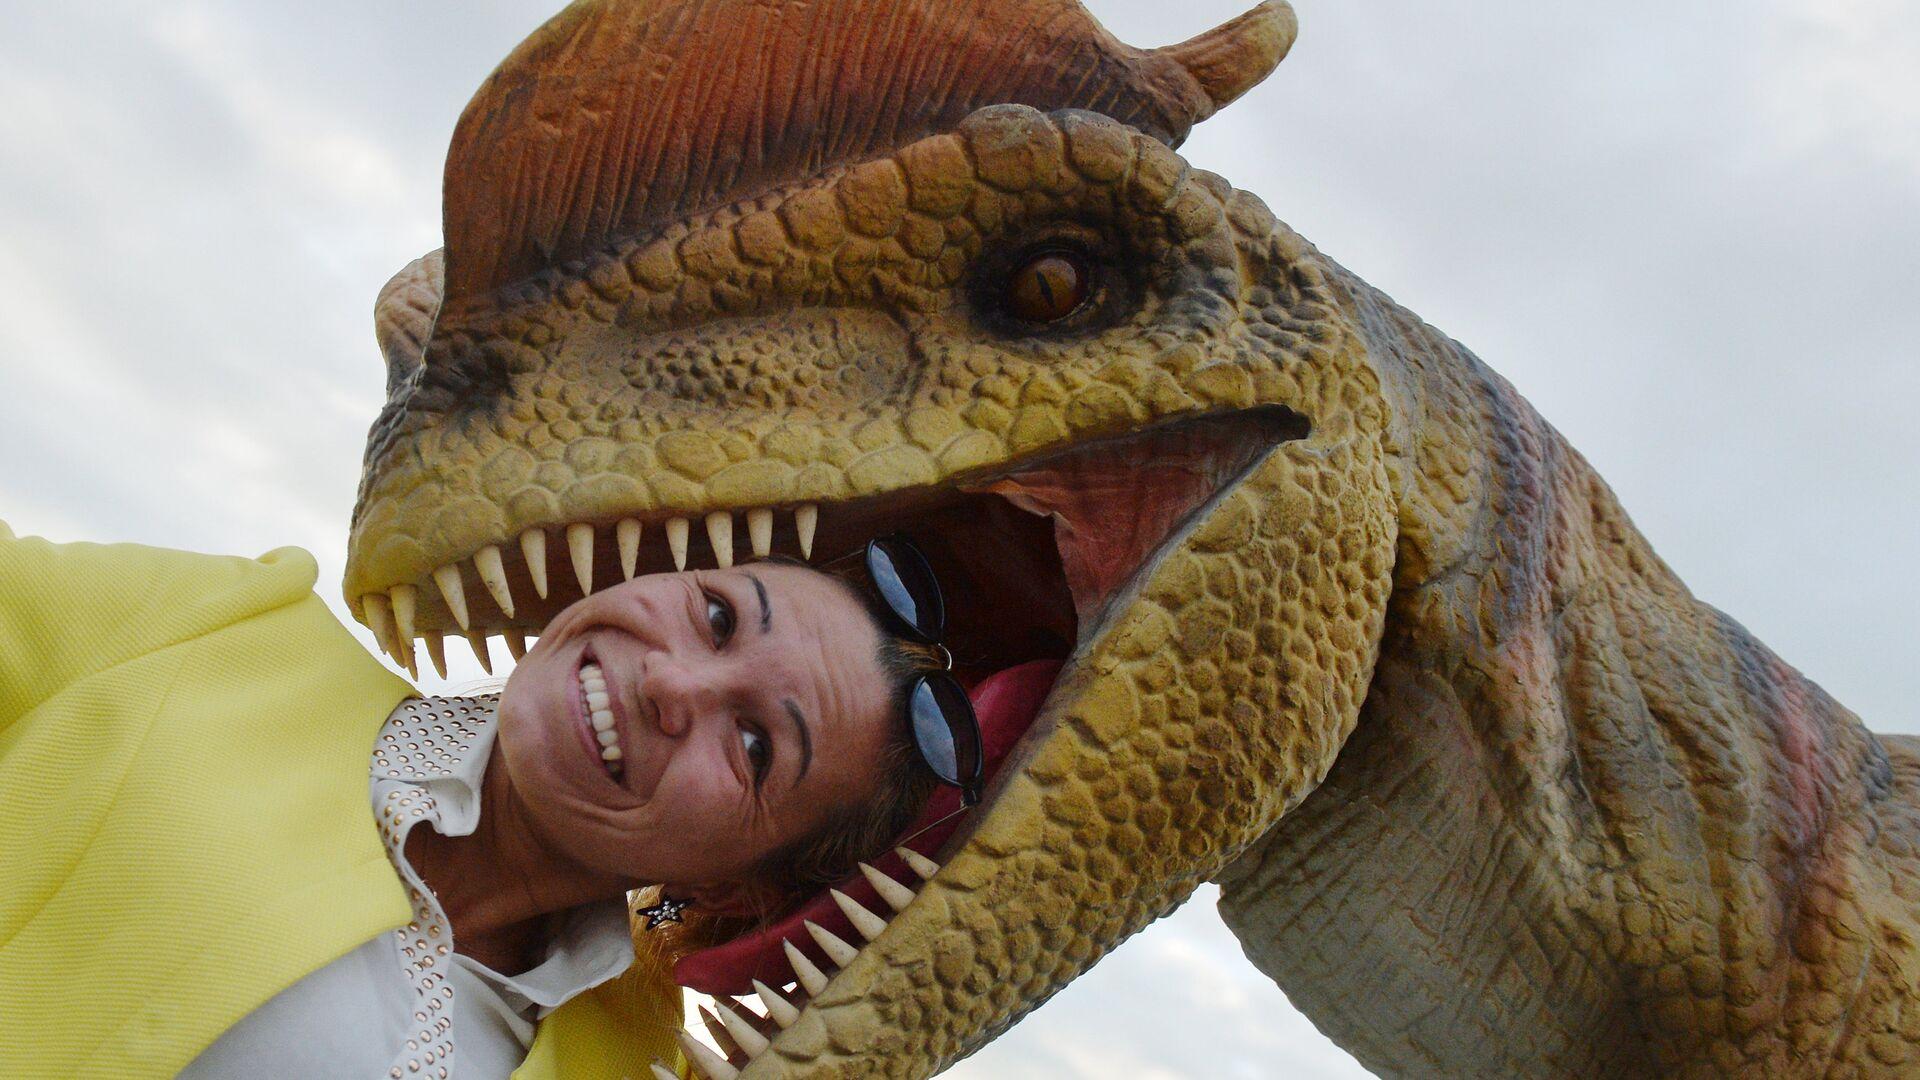 Фигура дилофозавра в парке развлечений Юркин Парк Трэвел в Казани - РИА Новости, 1920, 28.12.2020